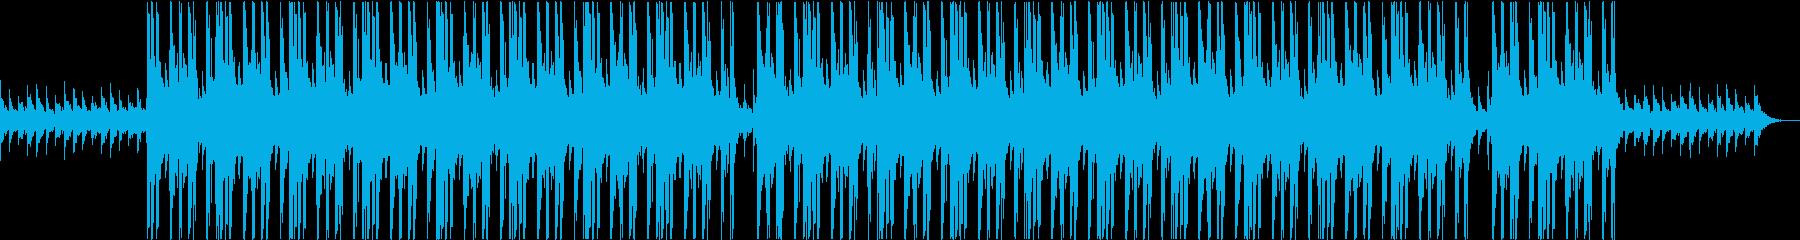 怪しく暗い雰囲気のトラップの再生済みの波形